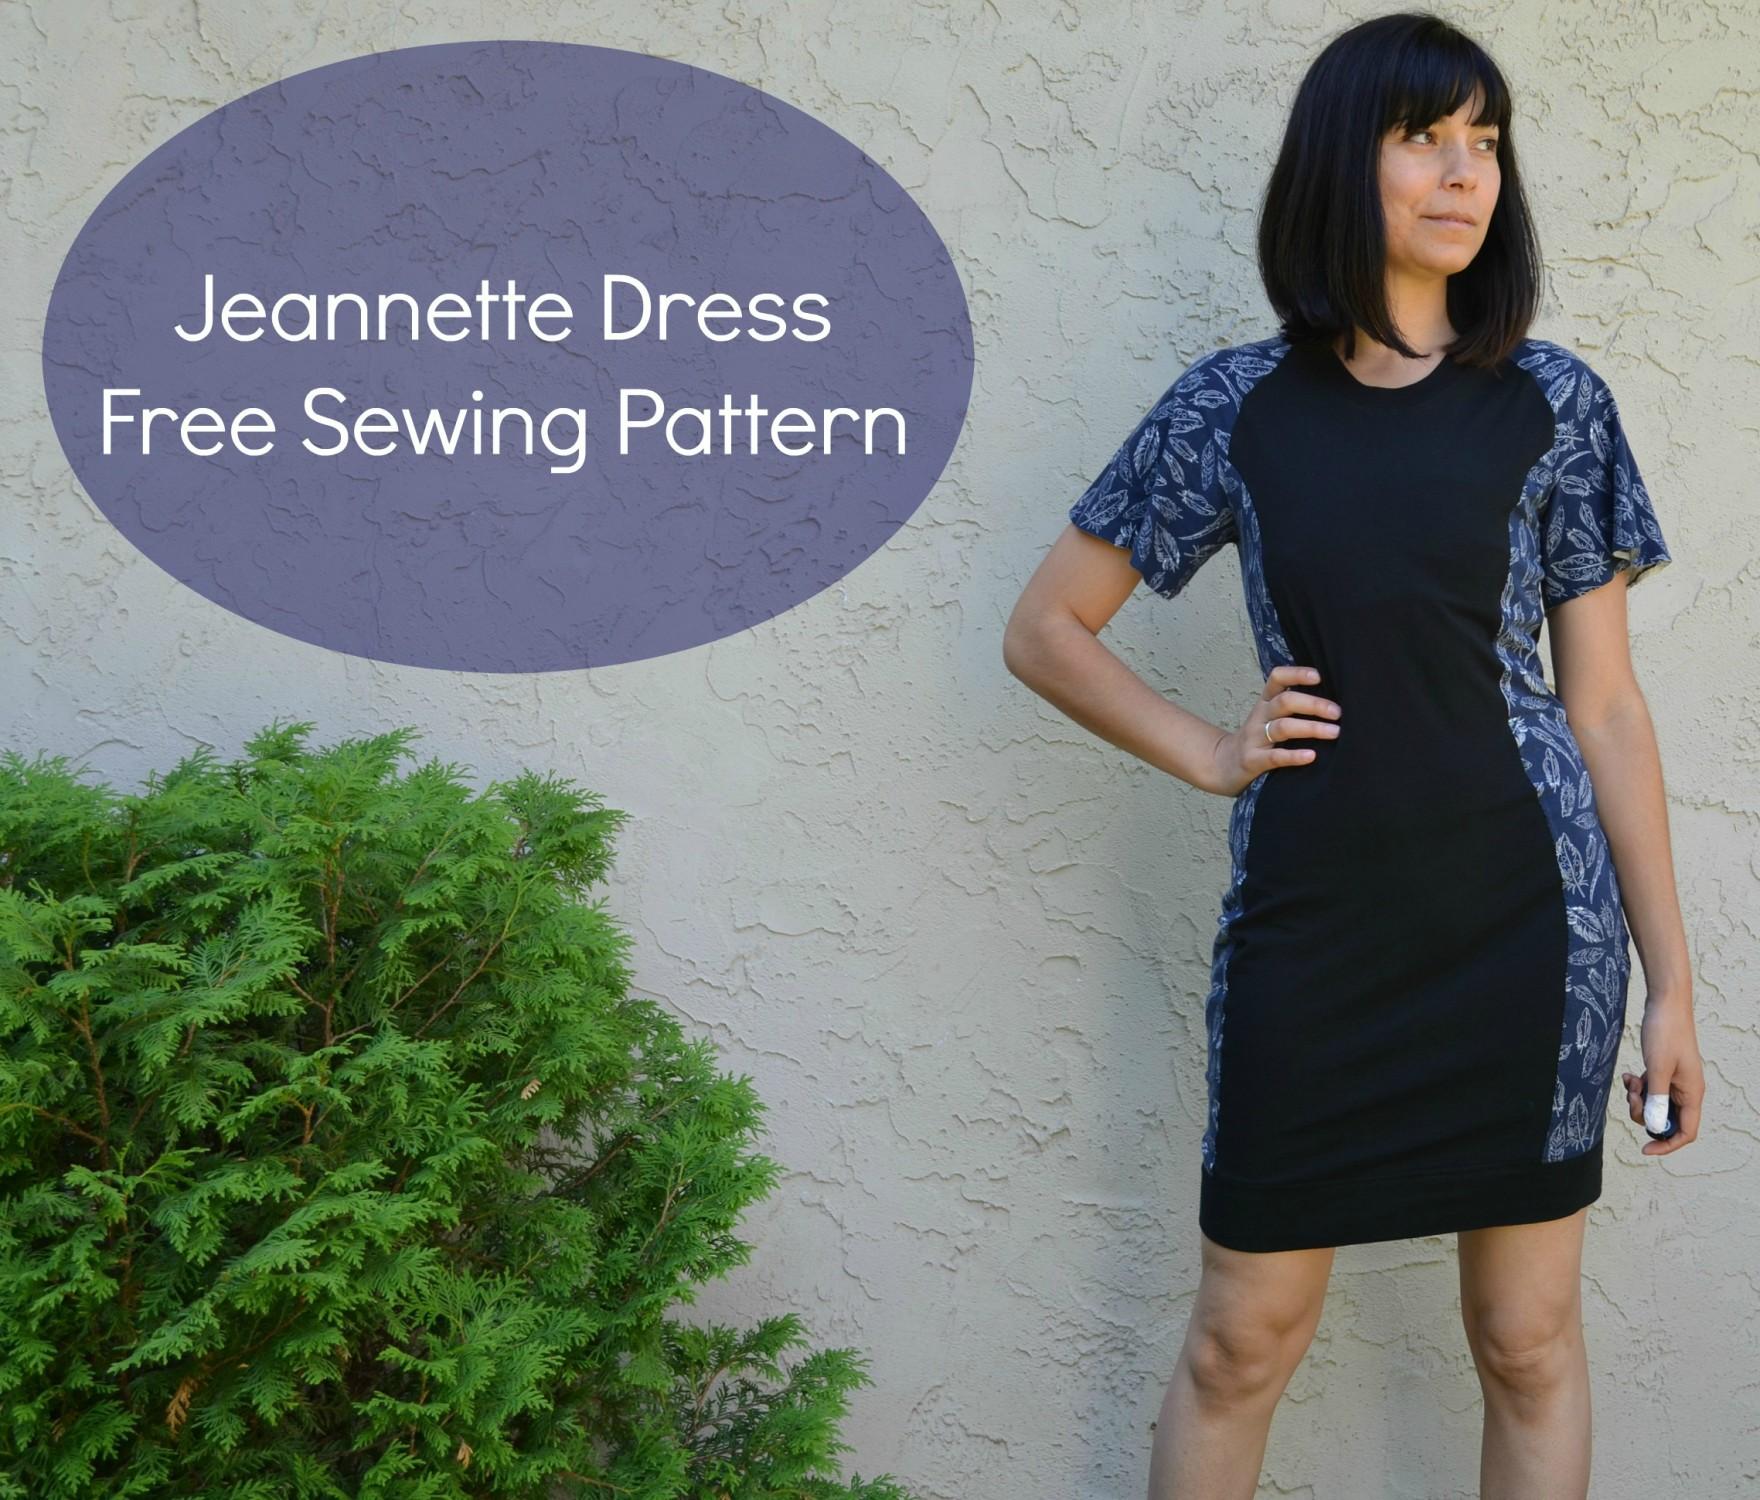 Jeannette dress pattern - Sewing 4 Free